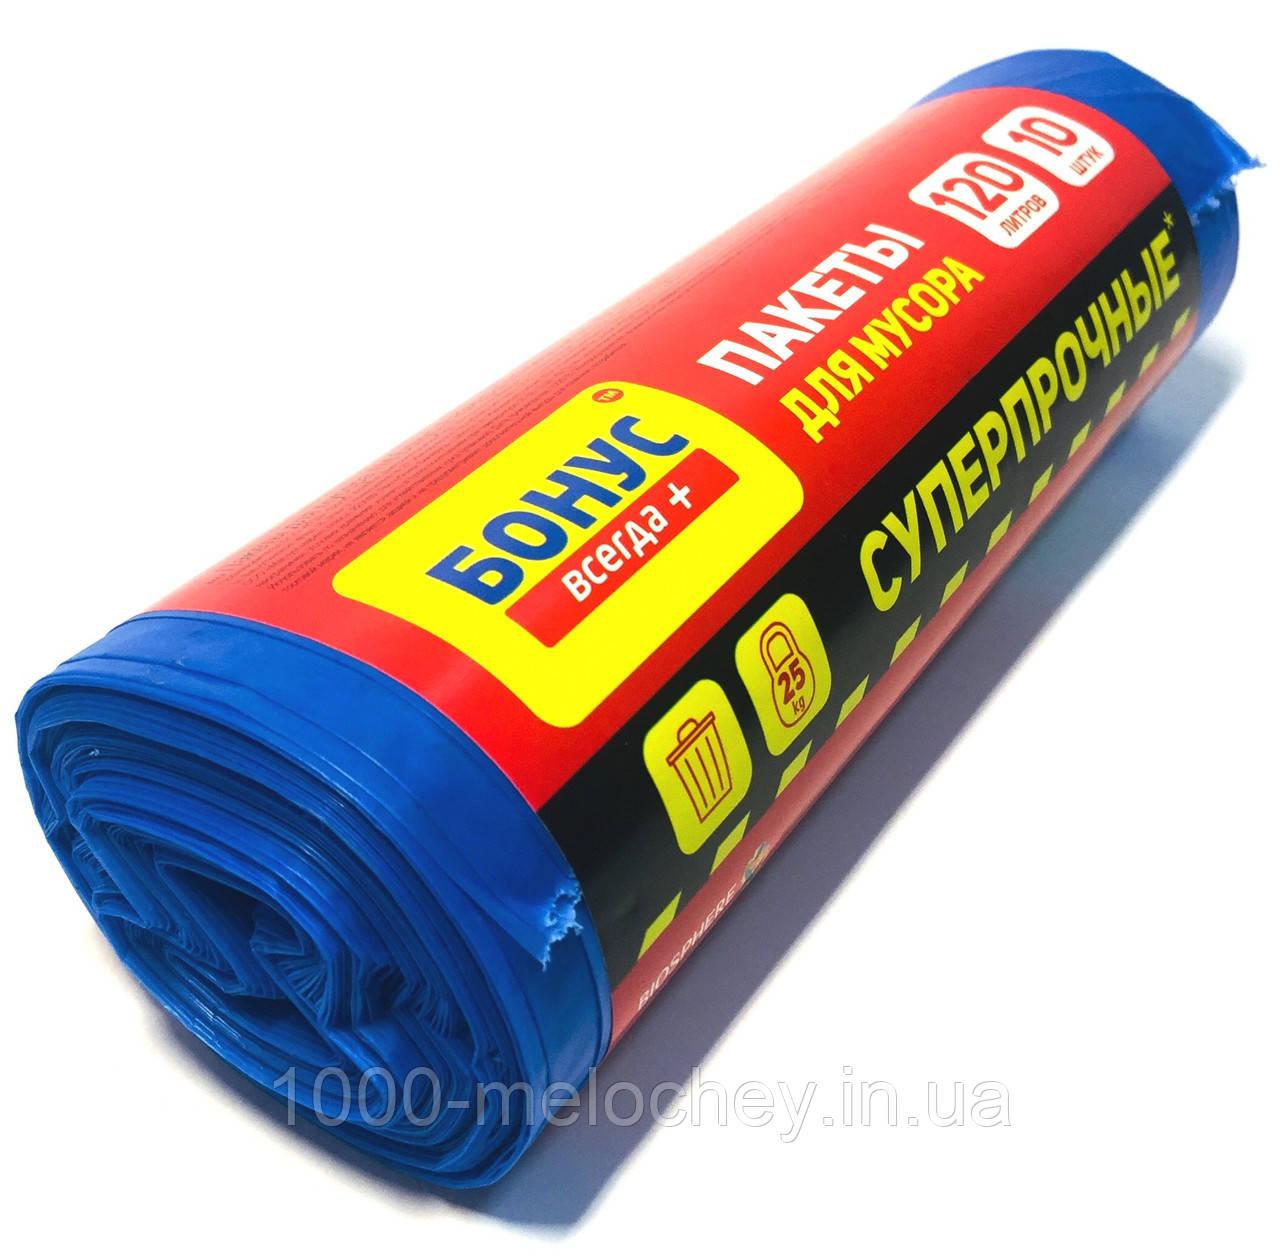 Мусорные пакеты 120 литров Бонус+ 10 шт/уп, синие